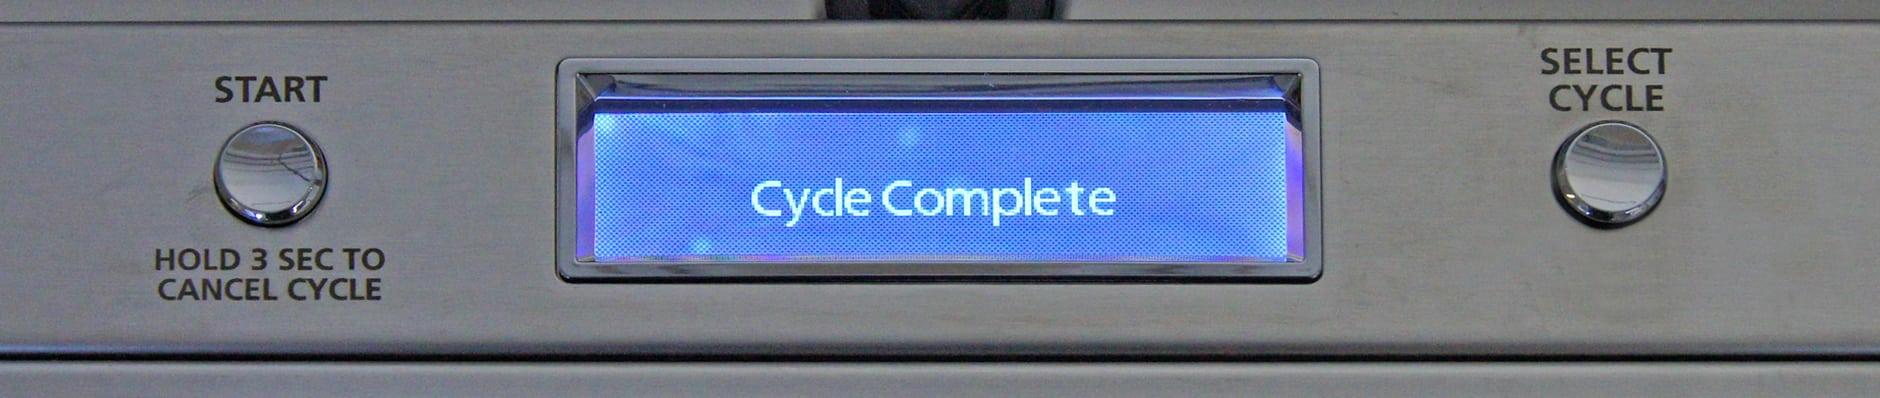 GE Monogram ZDT800SSFSS LCD screen